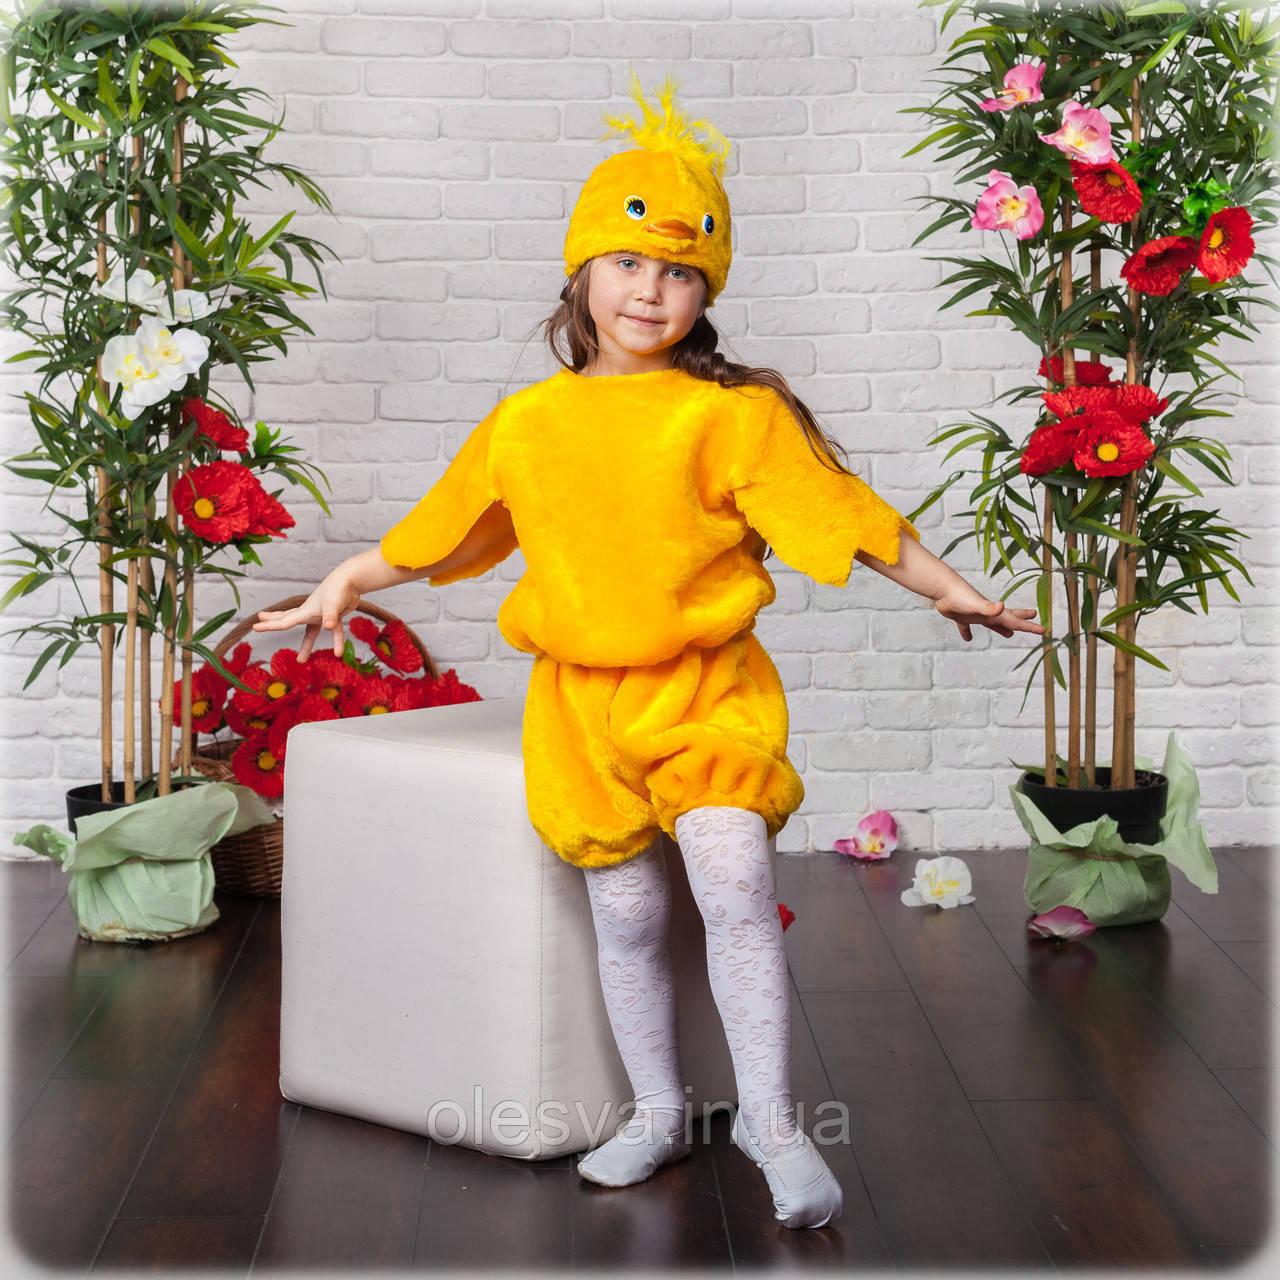 Детский Карнавальный костюм Цыпленка, костюм карнавальный, новогодний костюм курочки, дропшиппинг